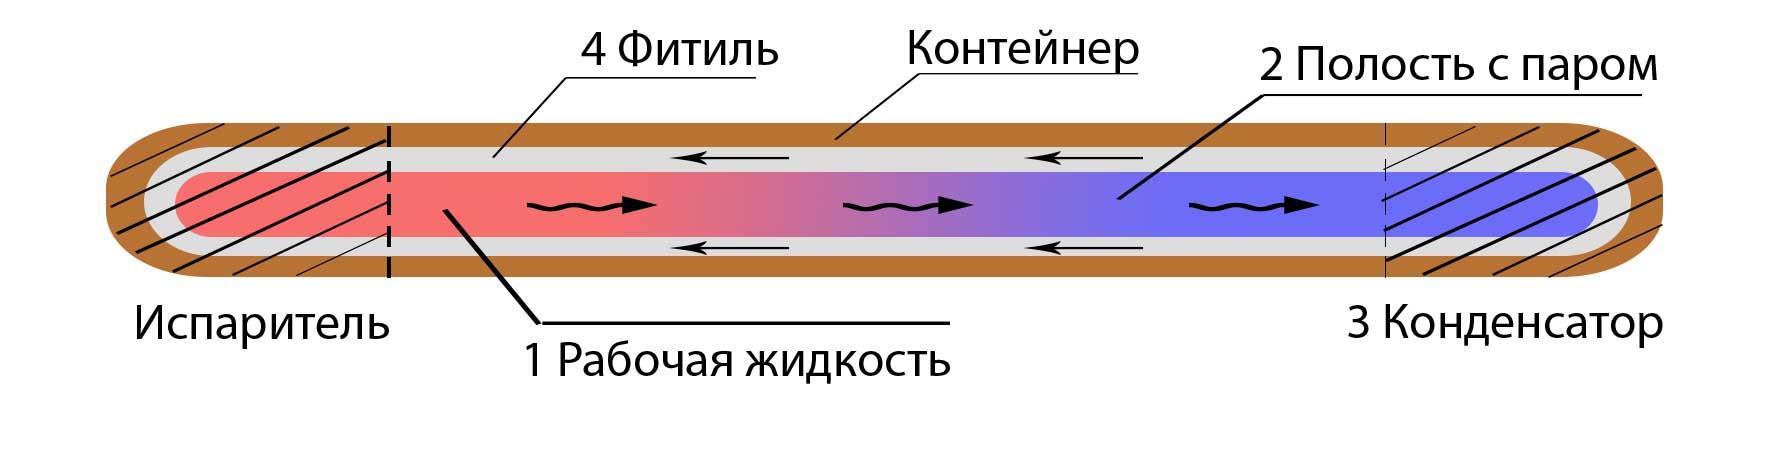 Схематическое изображение ТТ